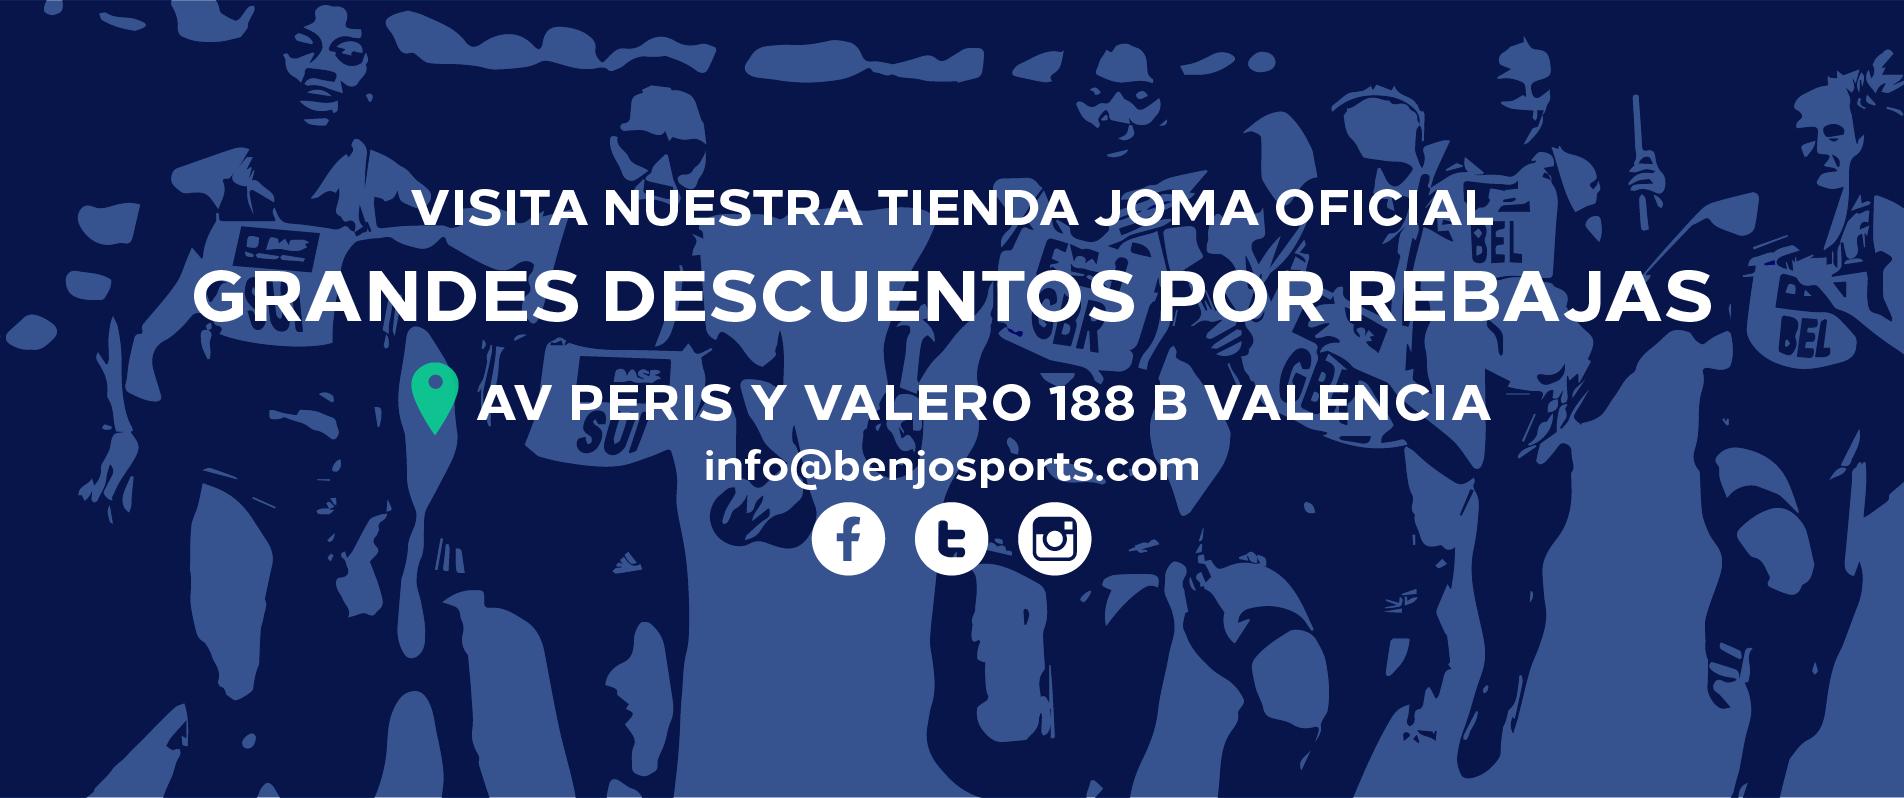 Tienda Oficial Joma en Valencia